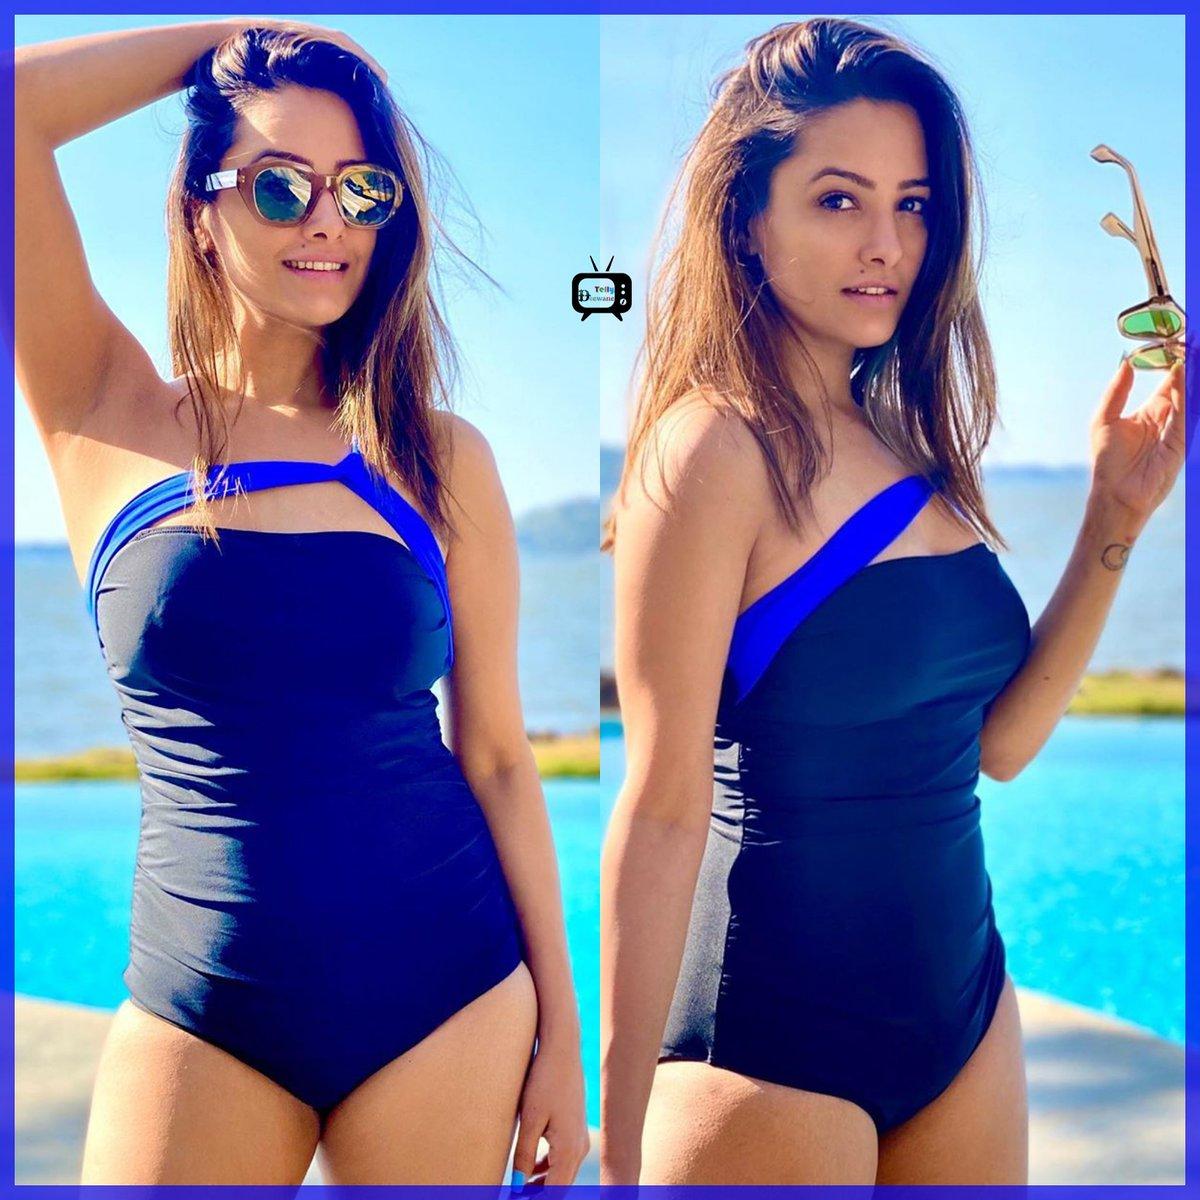 Gorgeous Anita Hassanandani #AnitaHassanandani #Naagin4  #ronita #AnitaHassanandaniReddy #Vishaka #Vish  #Naagin3 #Shagun #YHM  @TellyDeewanepic.twitter.com/xd1ZhWjJbz